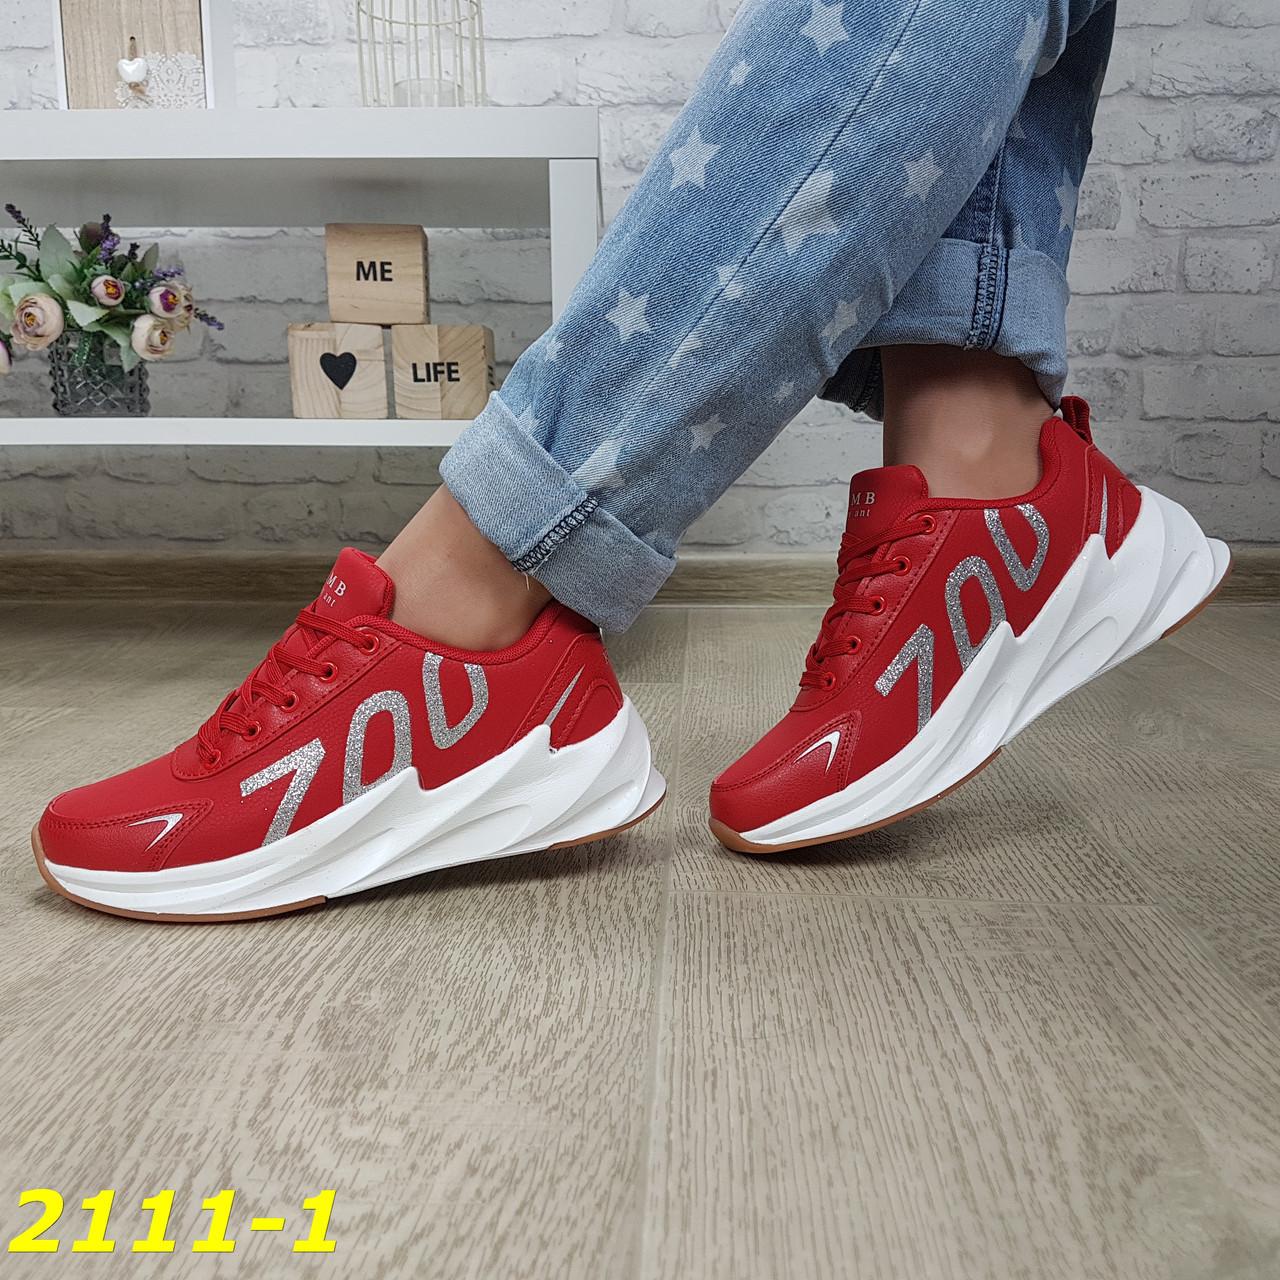 Кросівки на масивній підошві шарк SHARK червоні